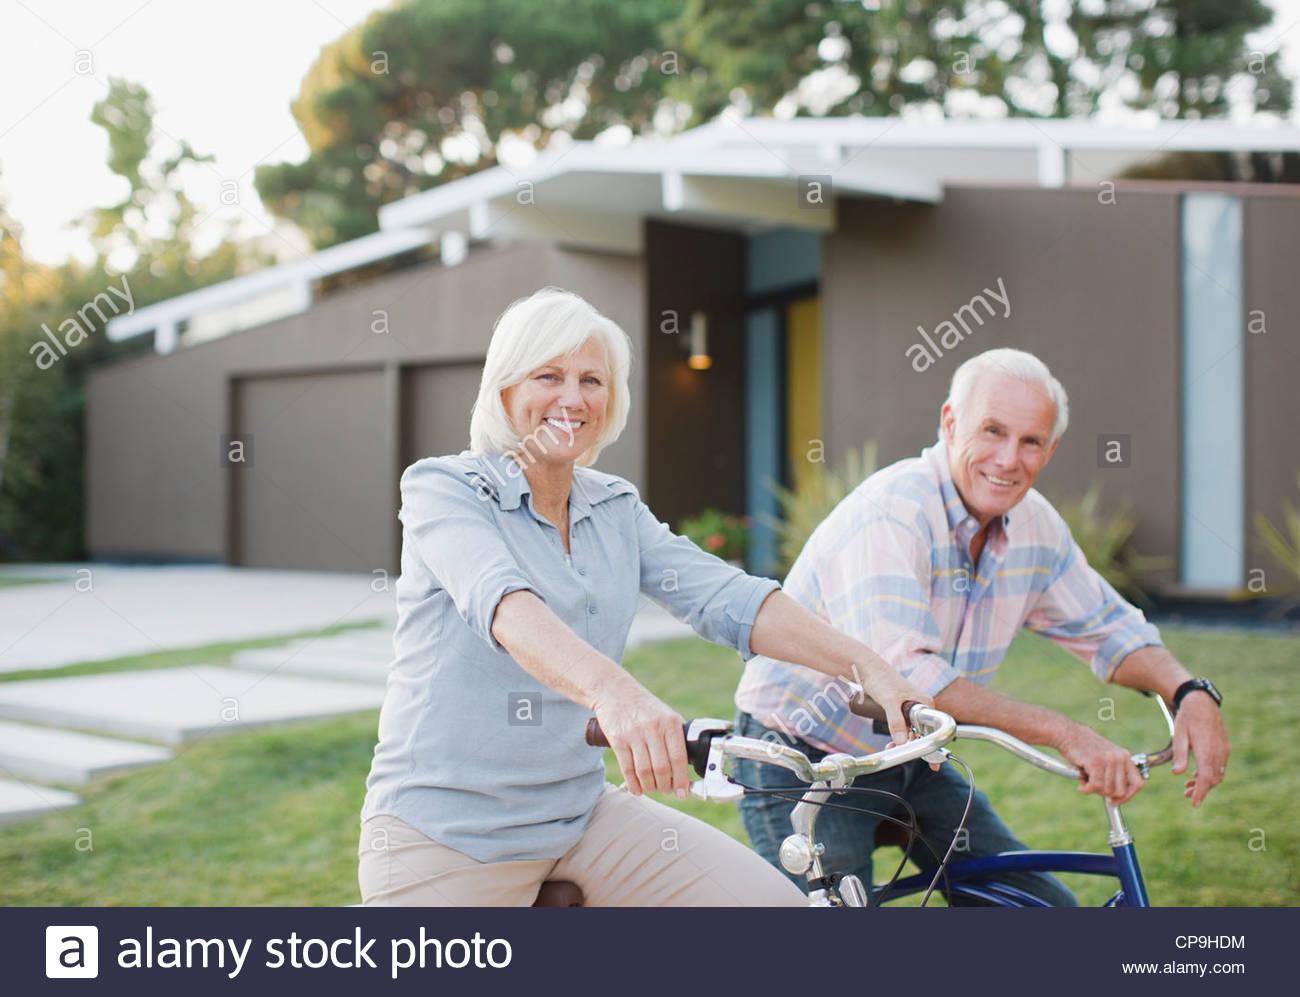 60-64 años, 65-69 años,ancianos,envejecimiento activo,bicicleta,bicicleta,pegado,California,ropa casual,caucásico,color Imagen De Stock